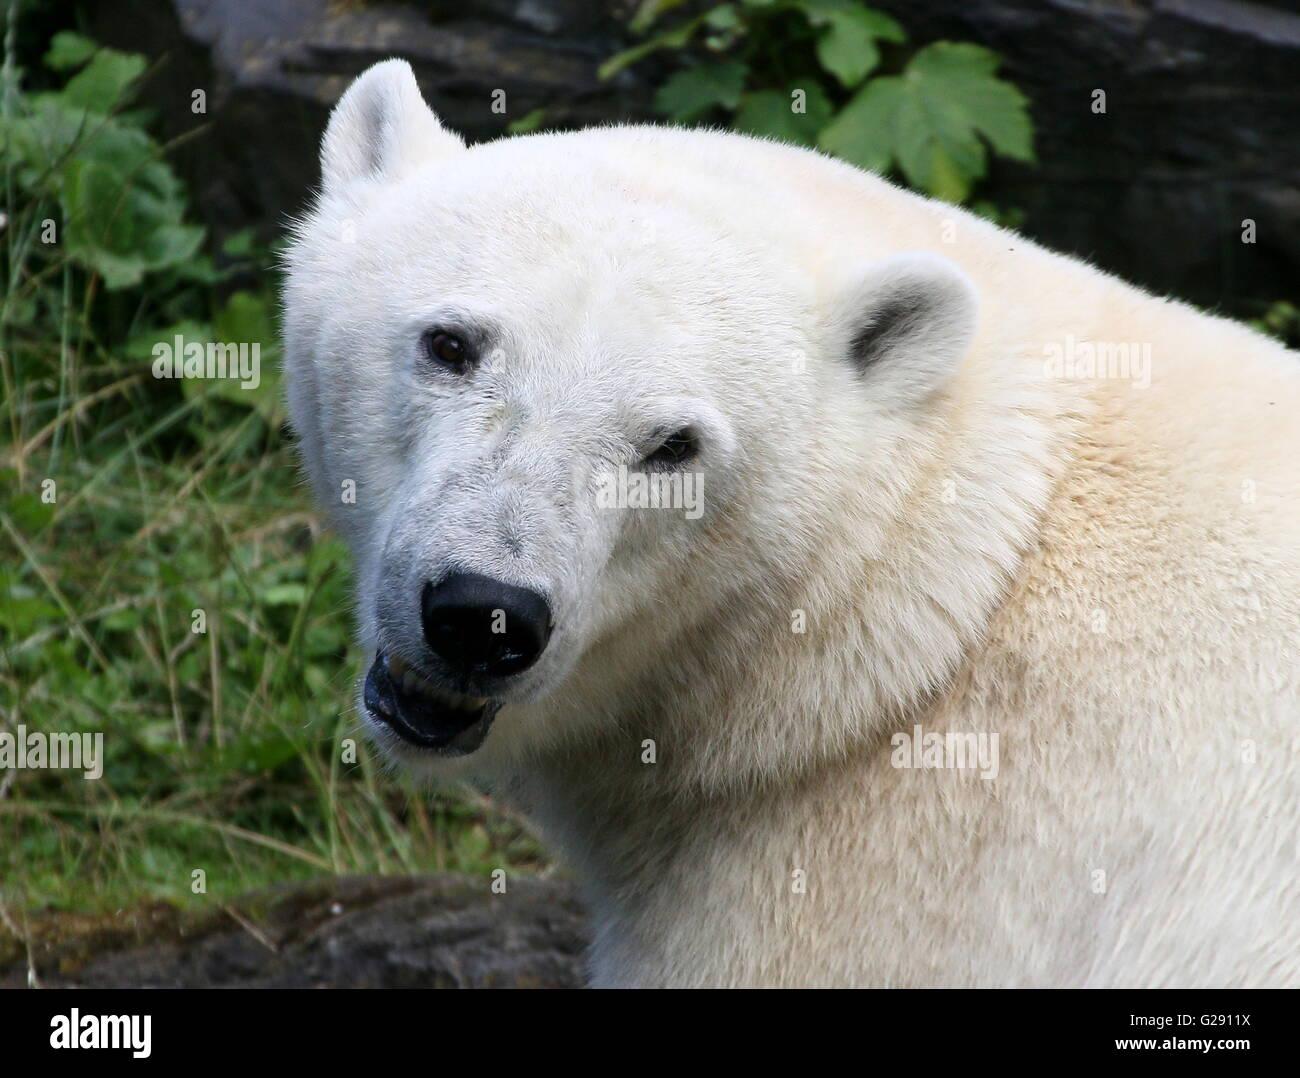 Cheeky femmina orso polare (Ursus maritimus) closeup della testa Immagini Stock